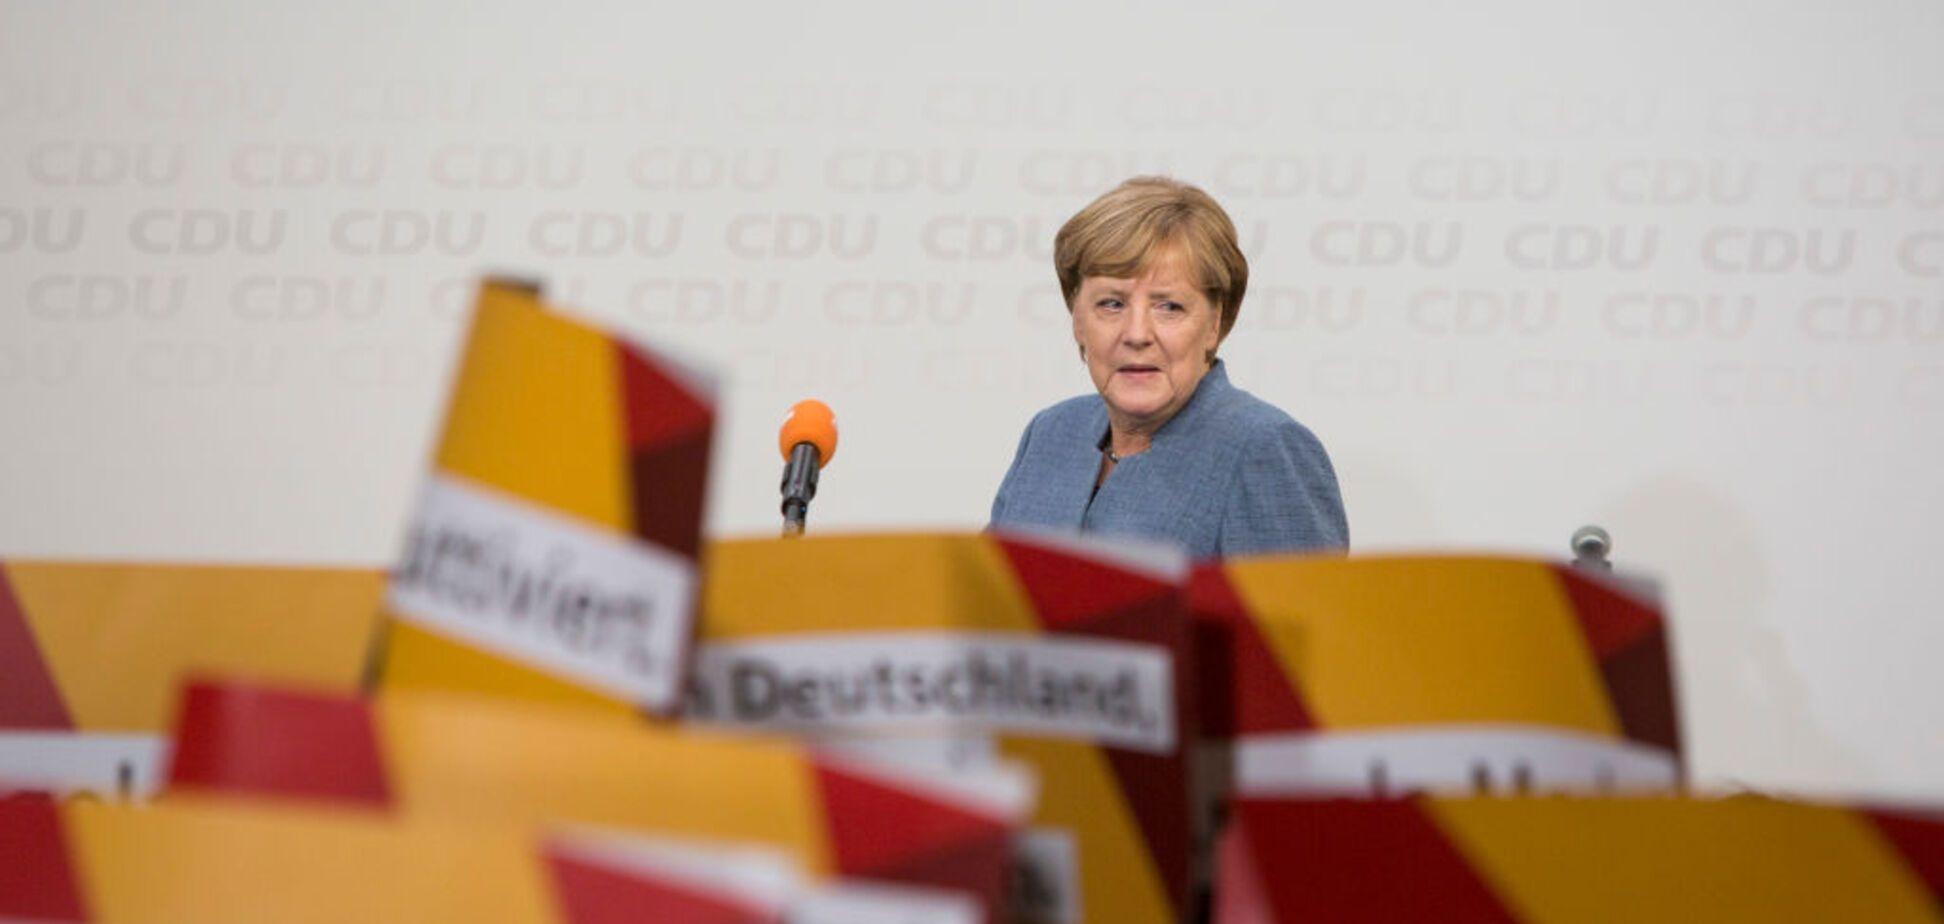 'Тільки там ми зберегли': в Україні назвали завдання для Меркель після перемоги на виборах